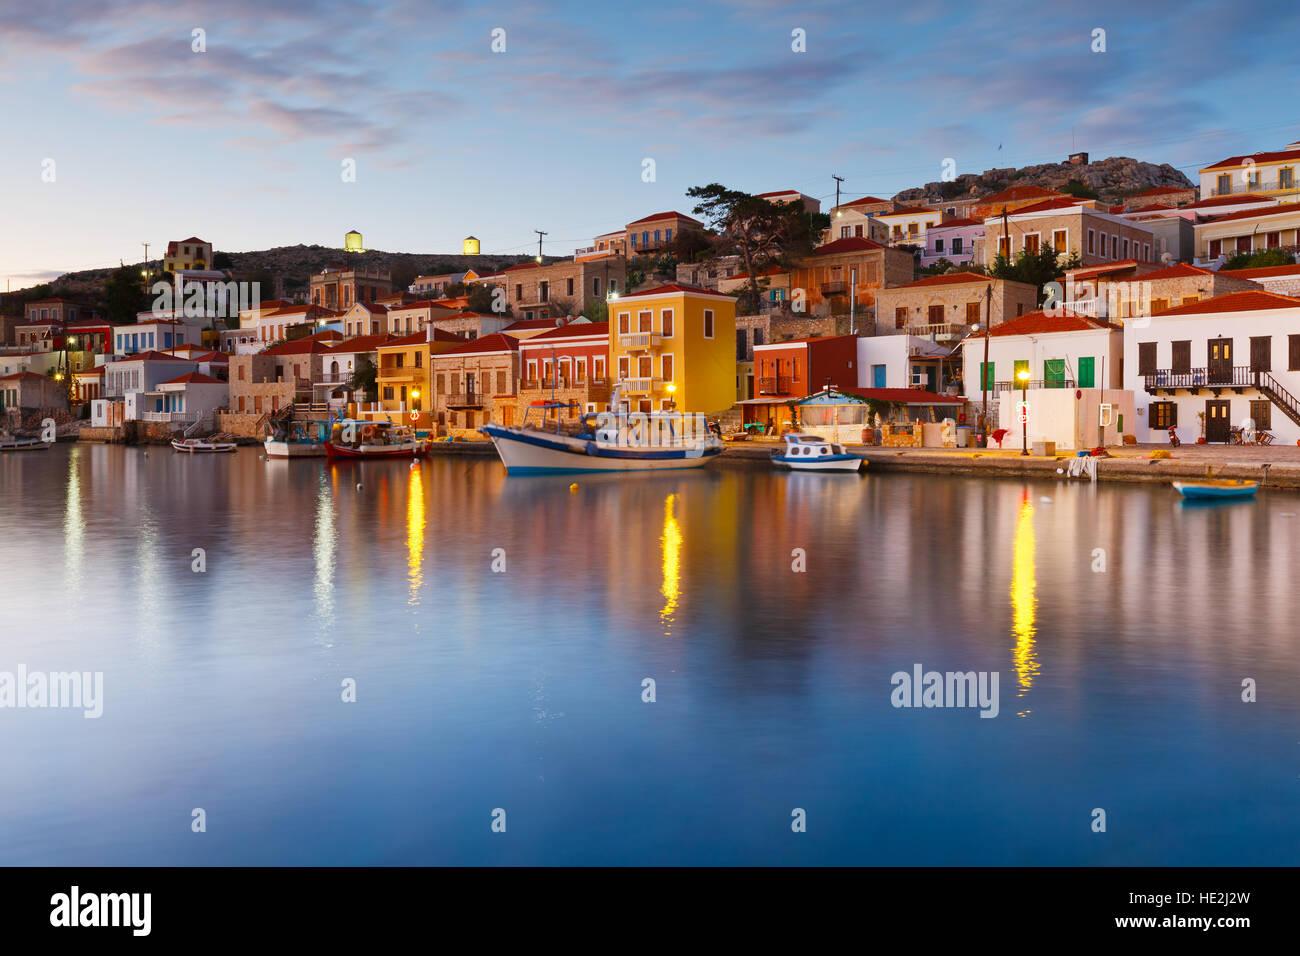 Vista del villaggio di Halki e il suo porto, Grecia. Immagini Stock